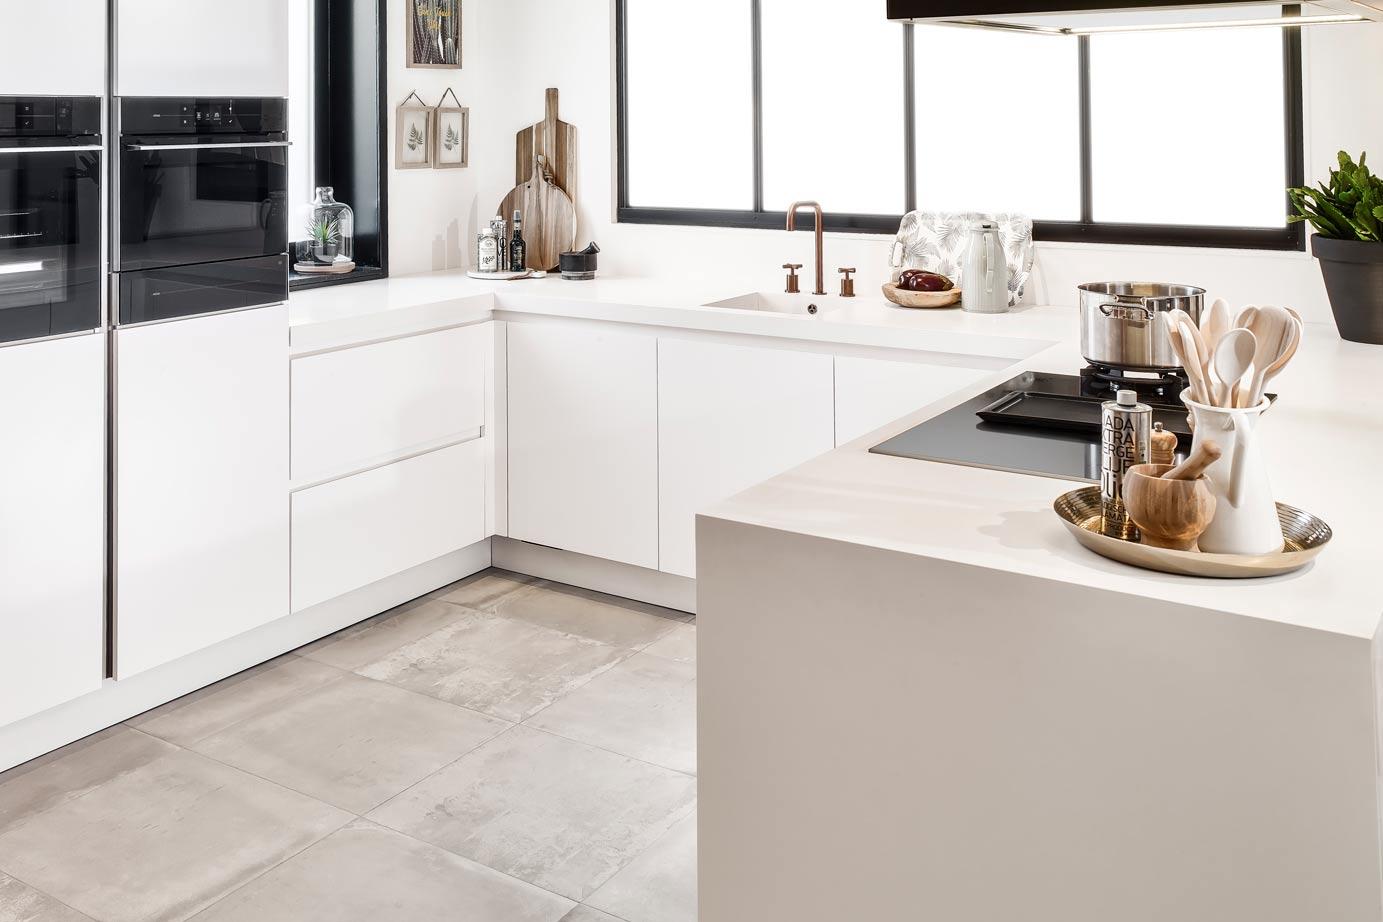 Moderne U Keukens : Moderne u keuken in mat wit ton sur ton db keukens